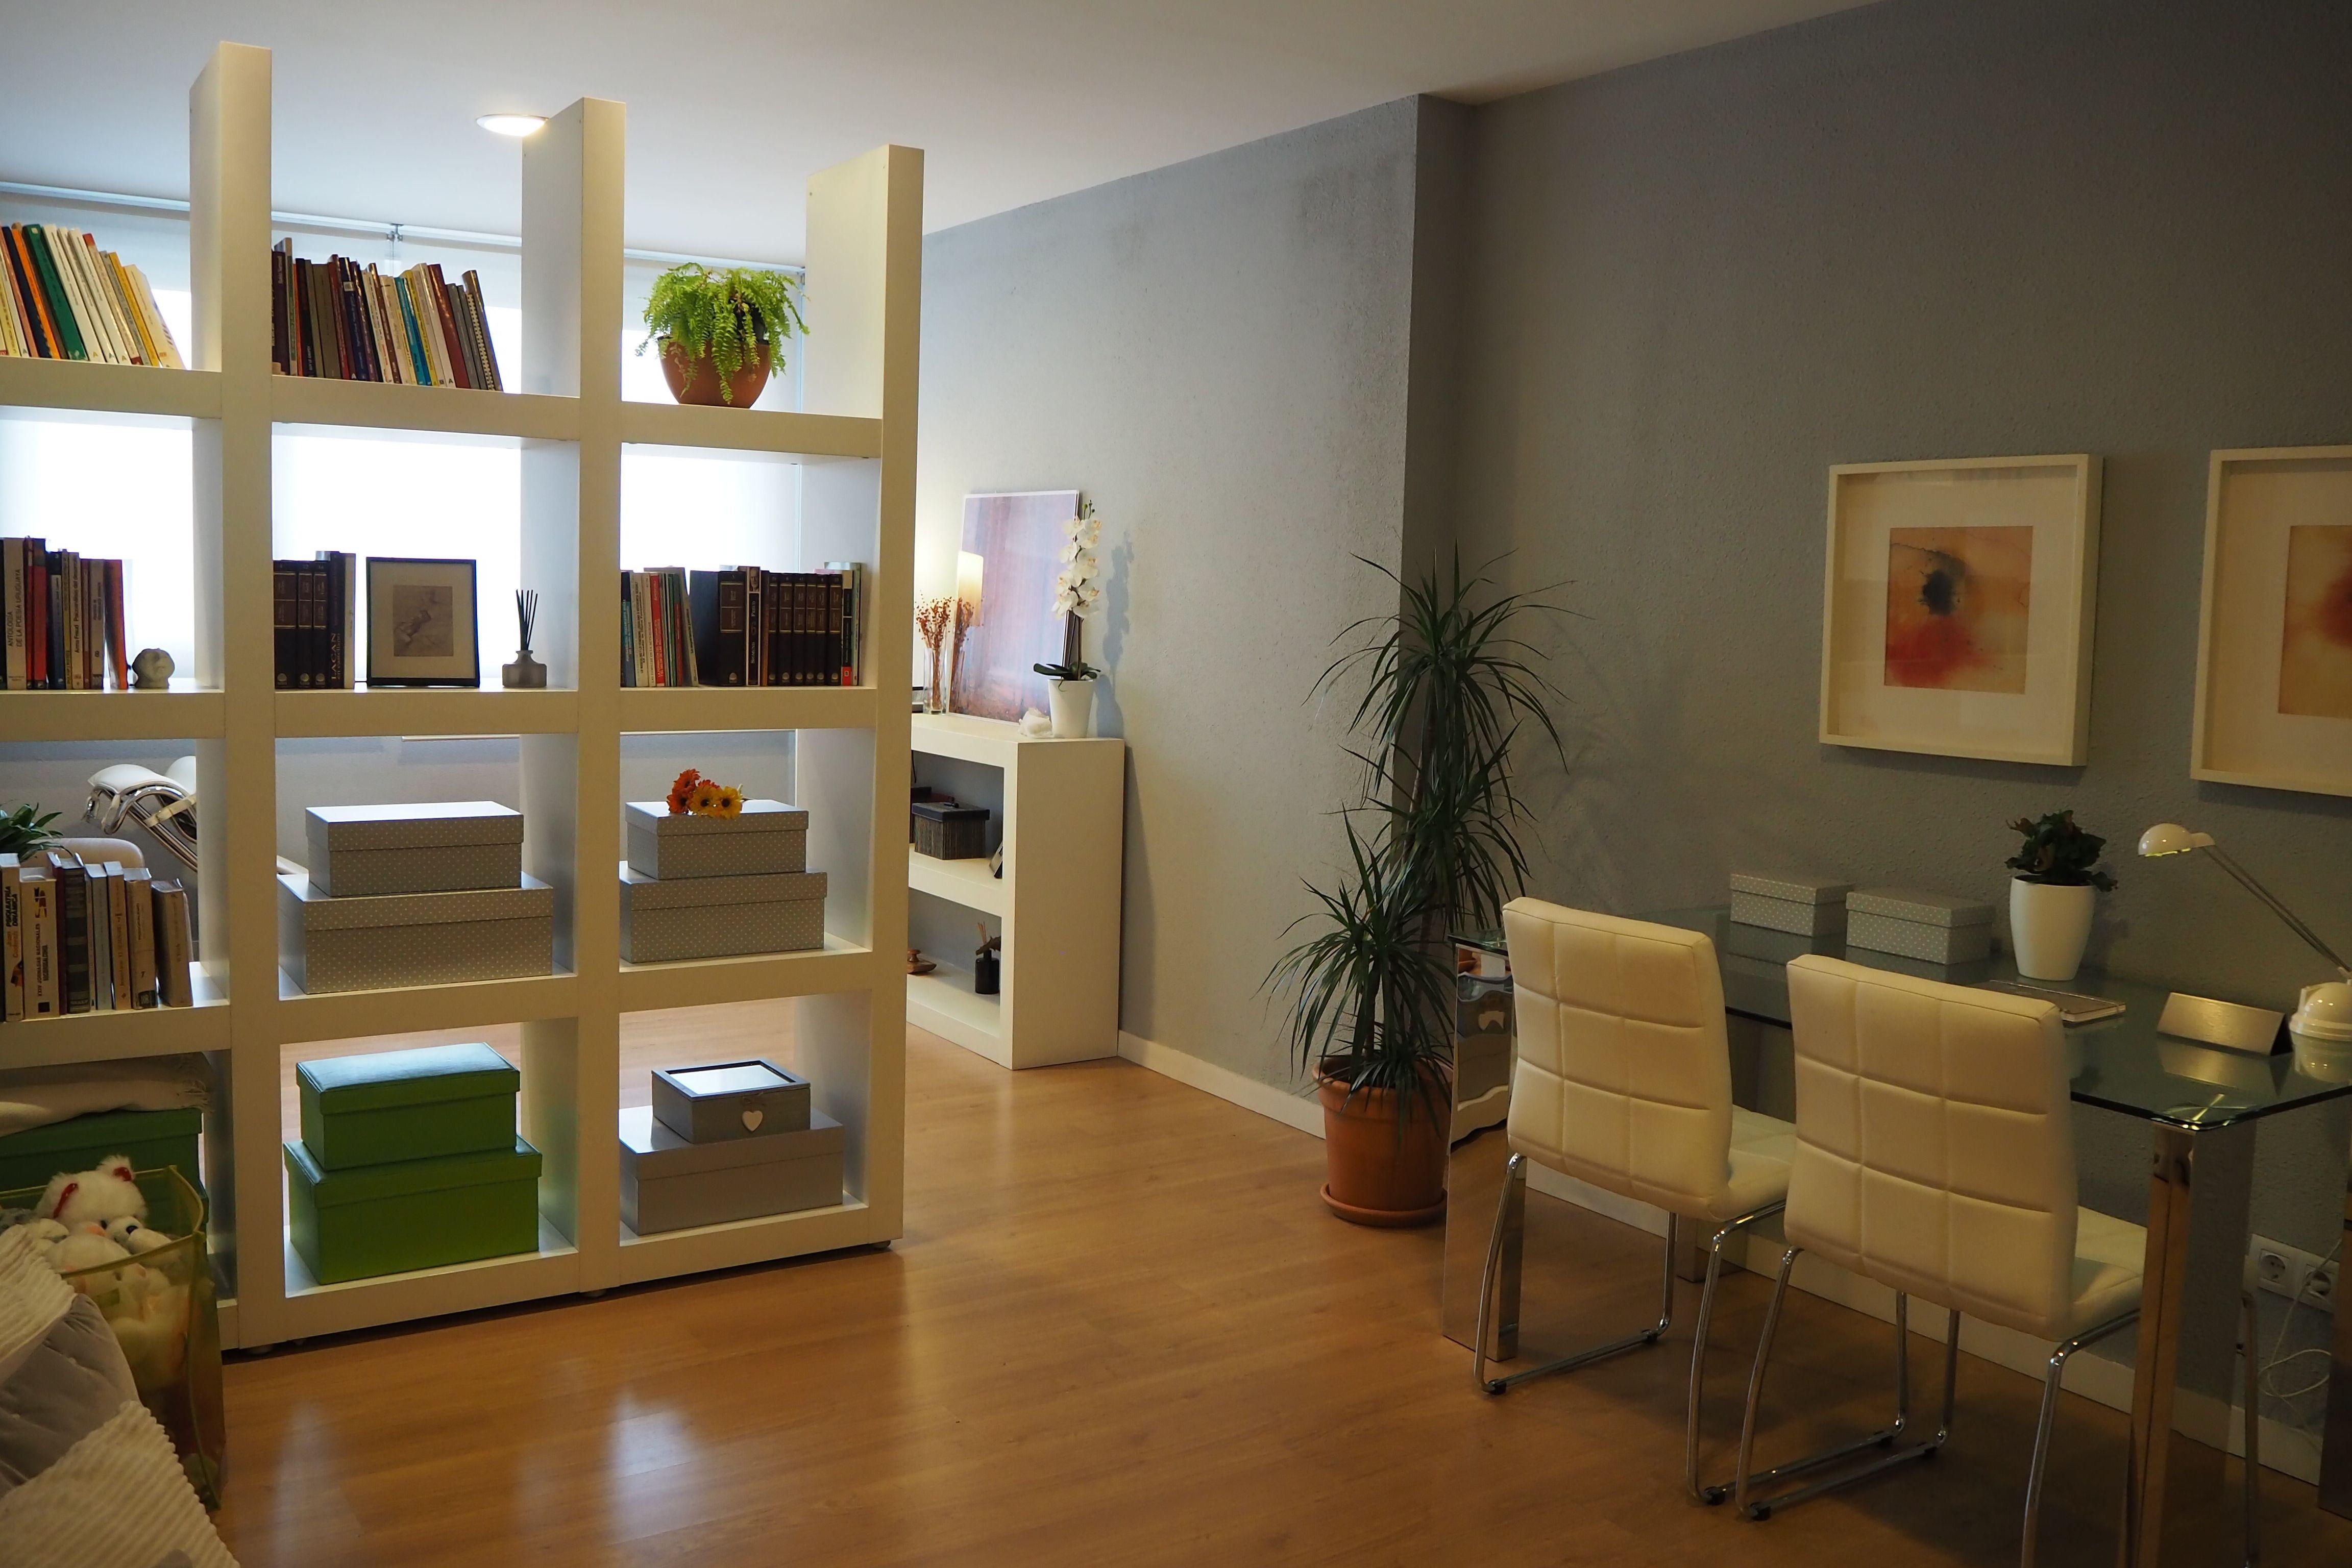 Psicología clínica en Pamplona